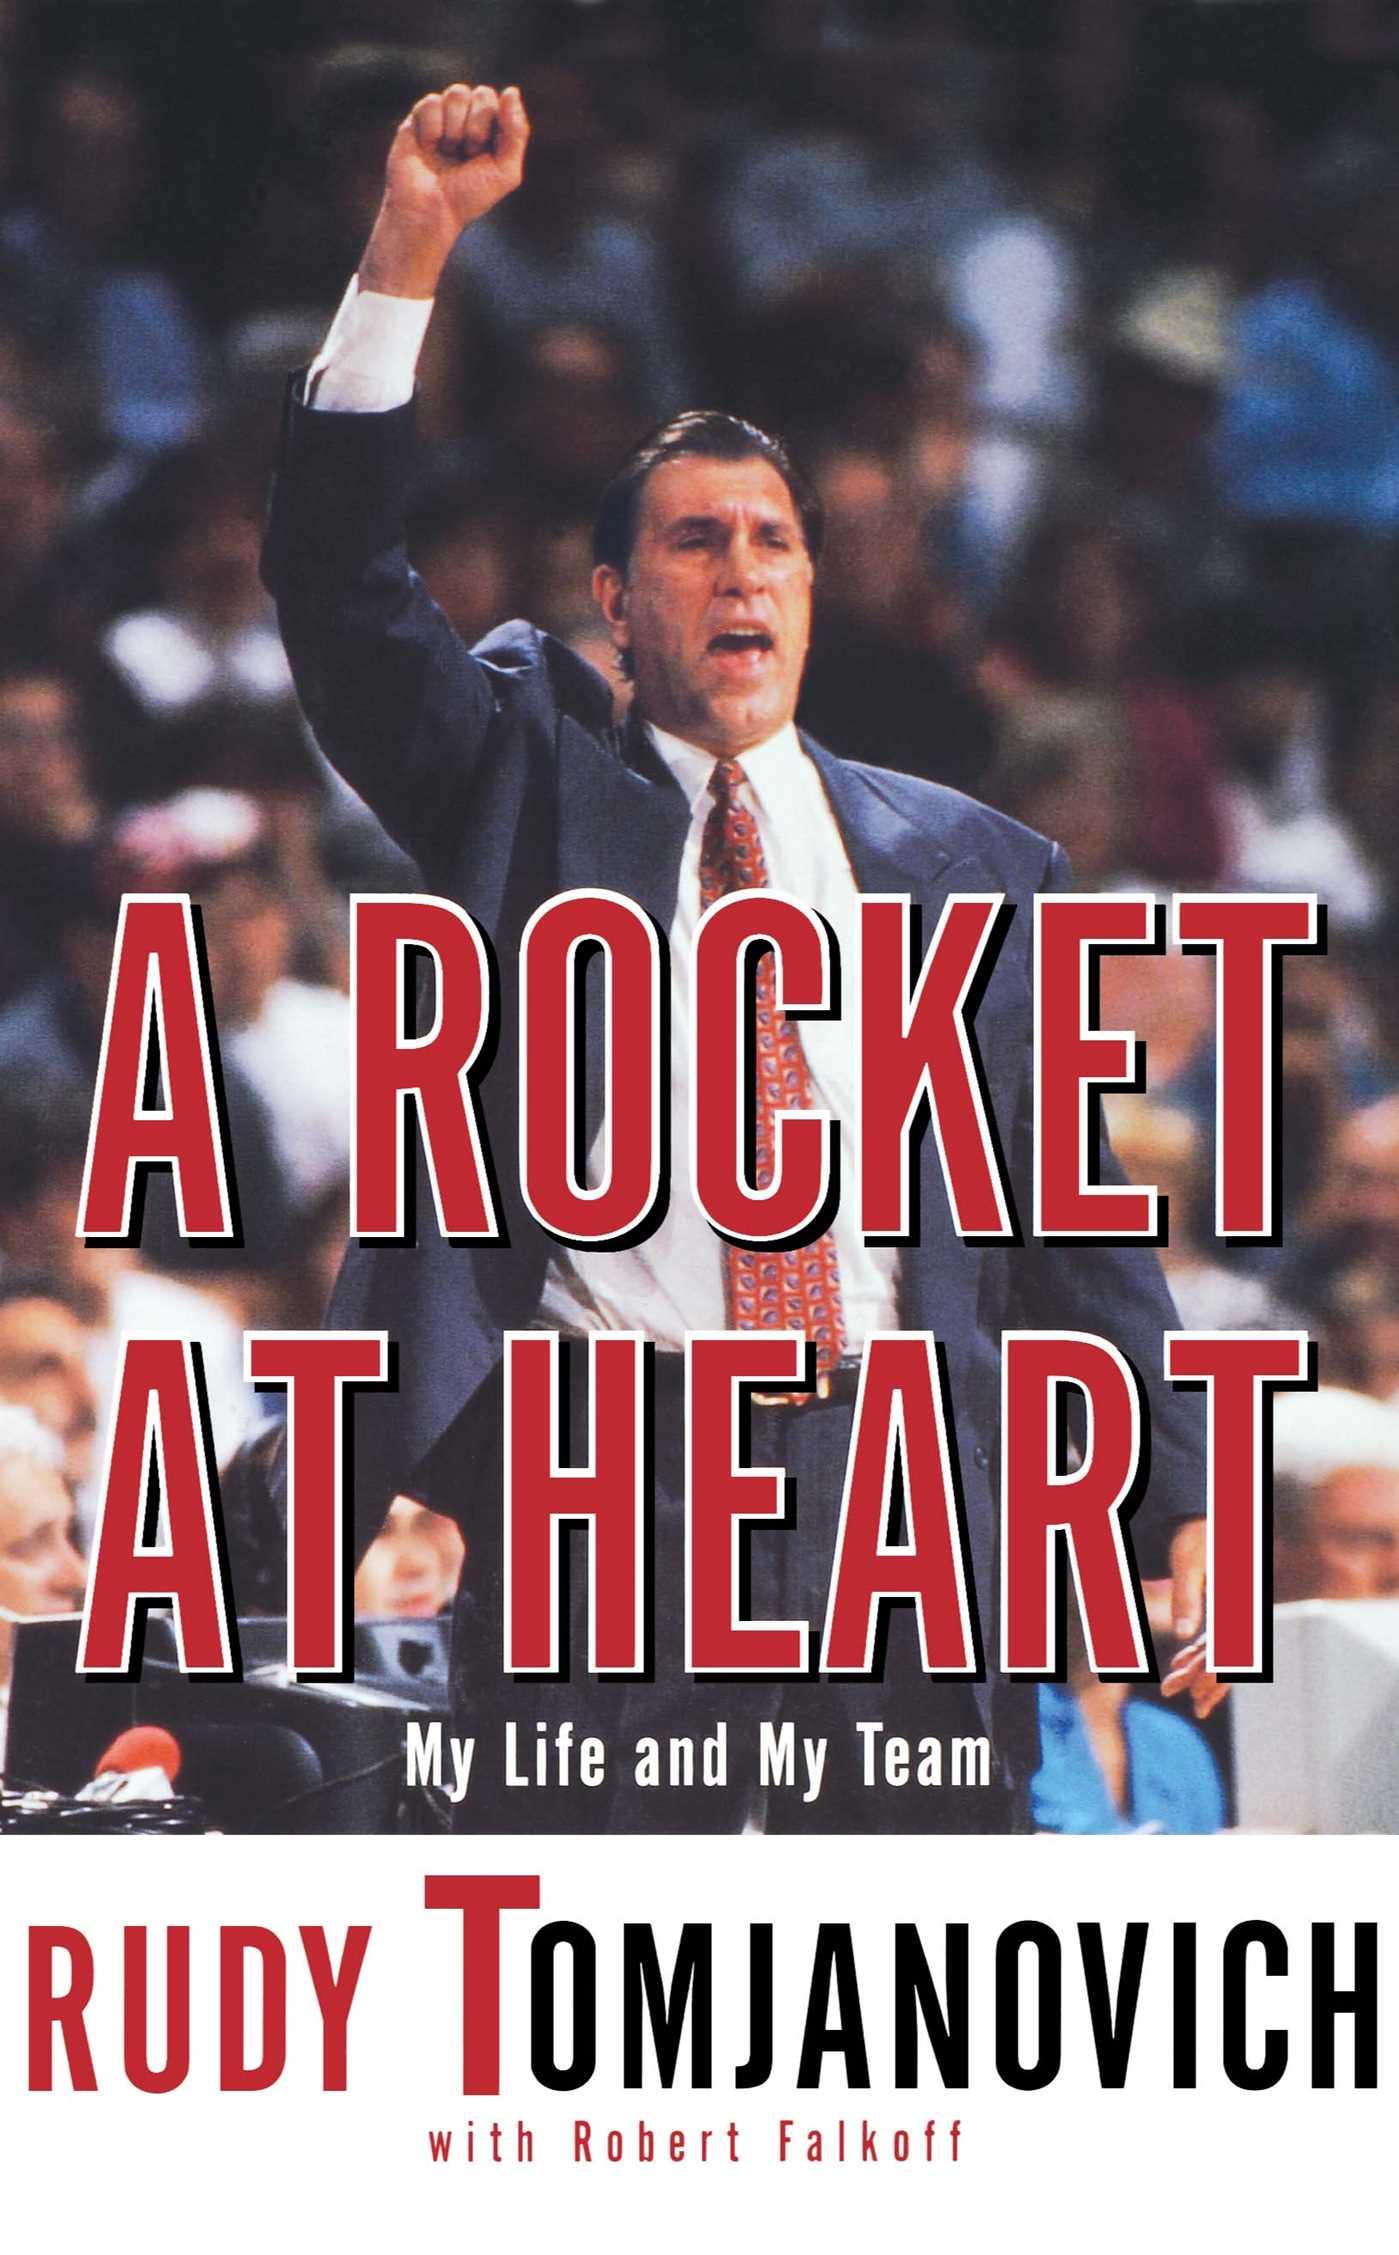 Rocket at heart 9781416552062 hr